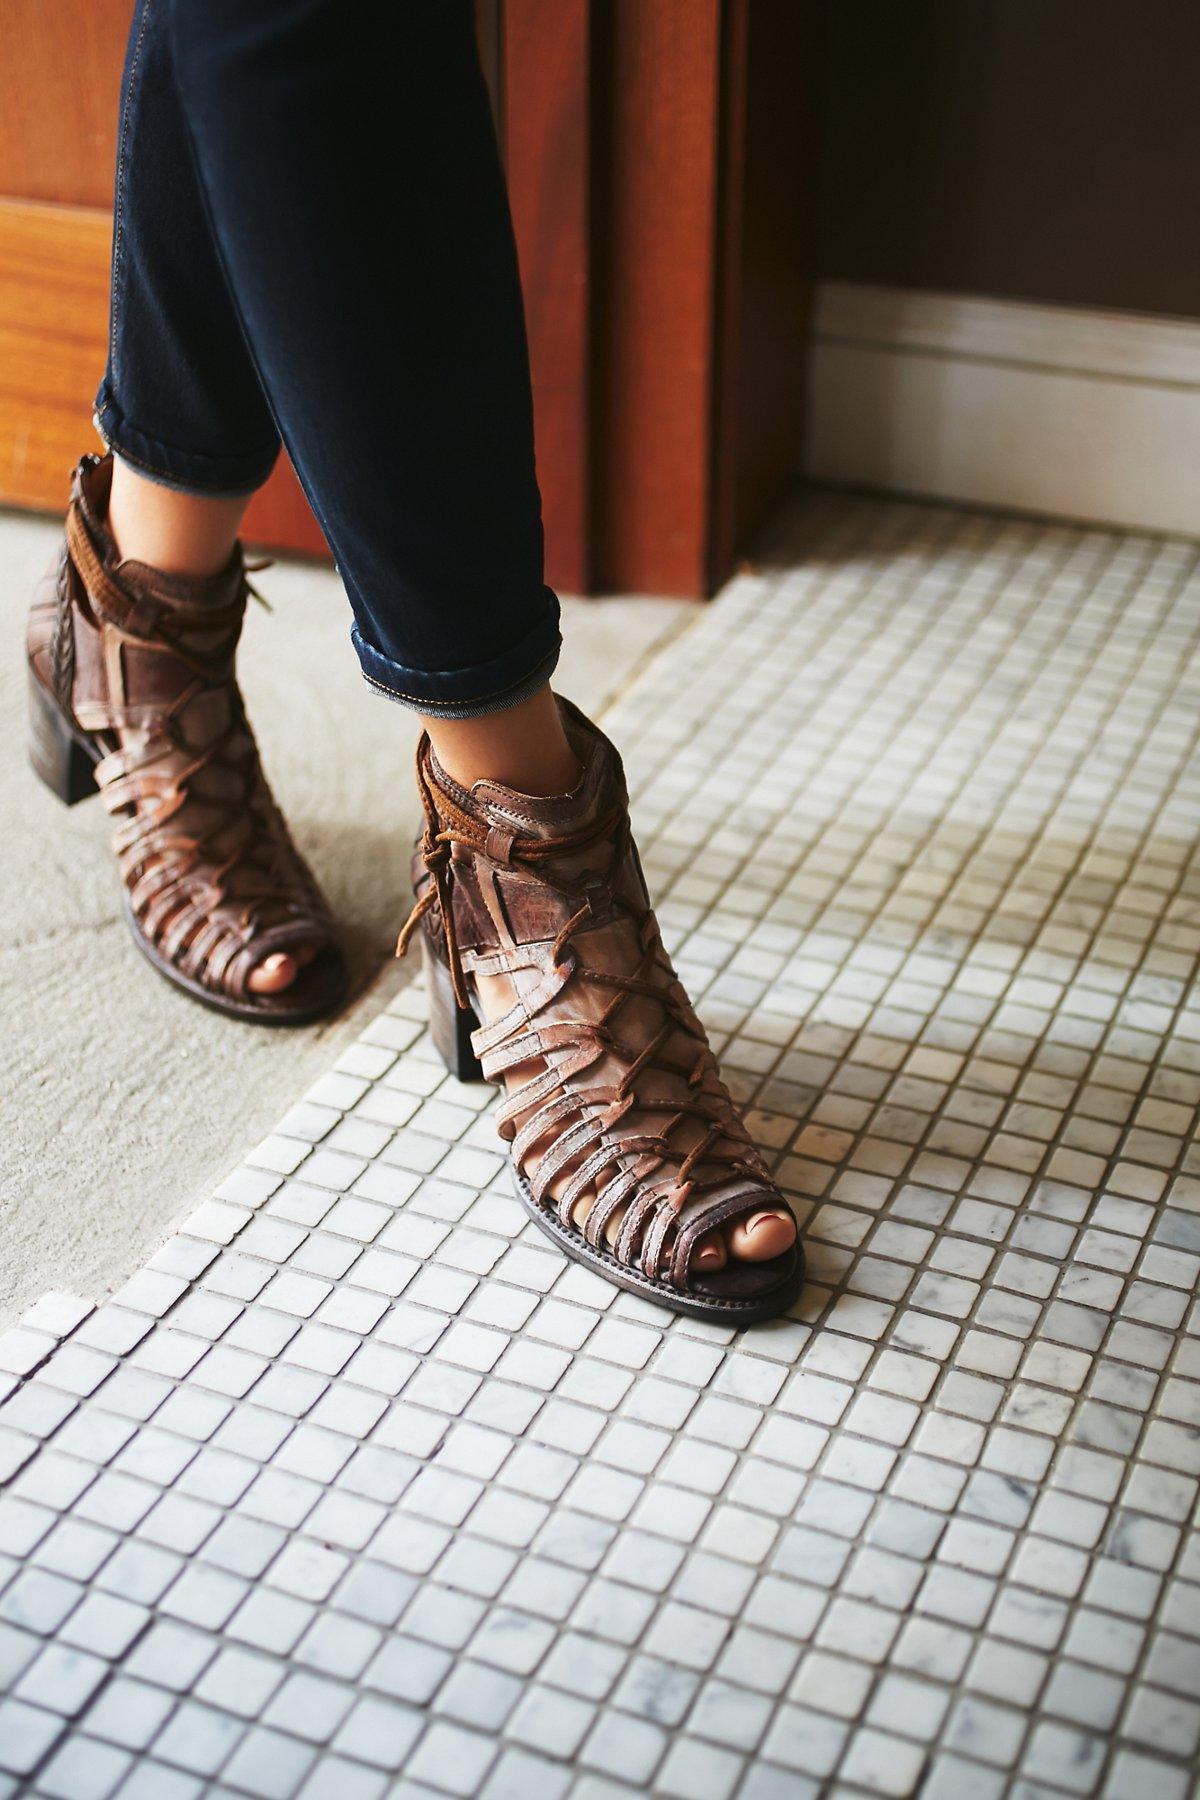 Coastal Heel Boot出品